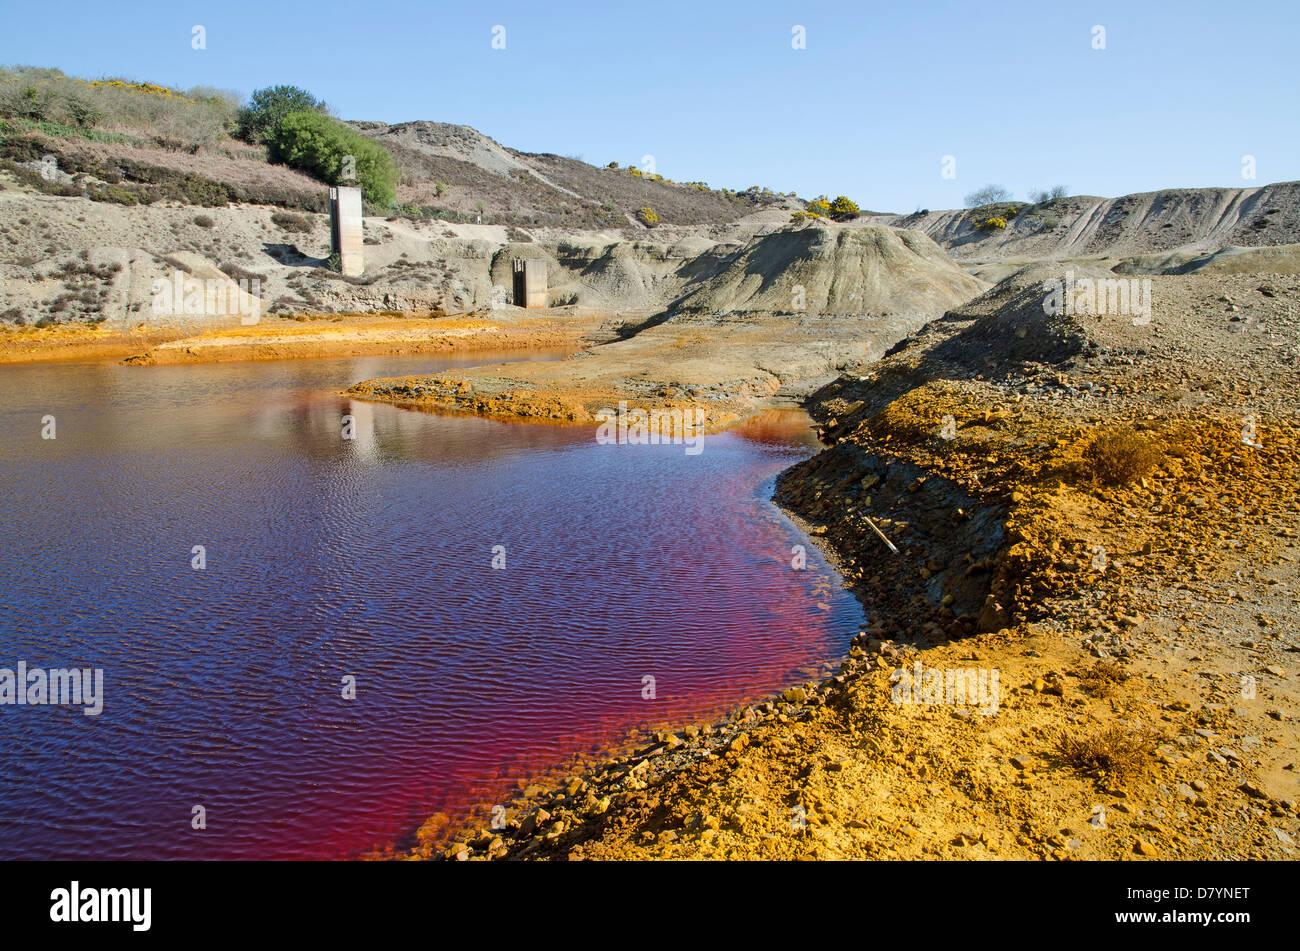 Les terres contaminées et de l'eau sur l'ancienne mine de cuivre de ménage papulo près de Photo Stock